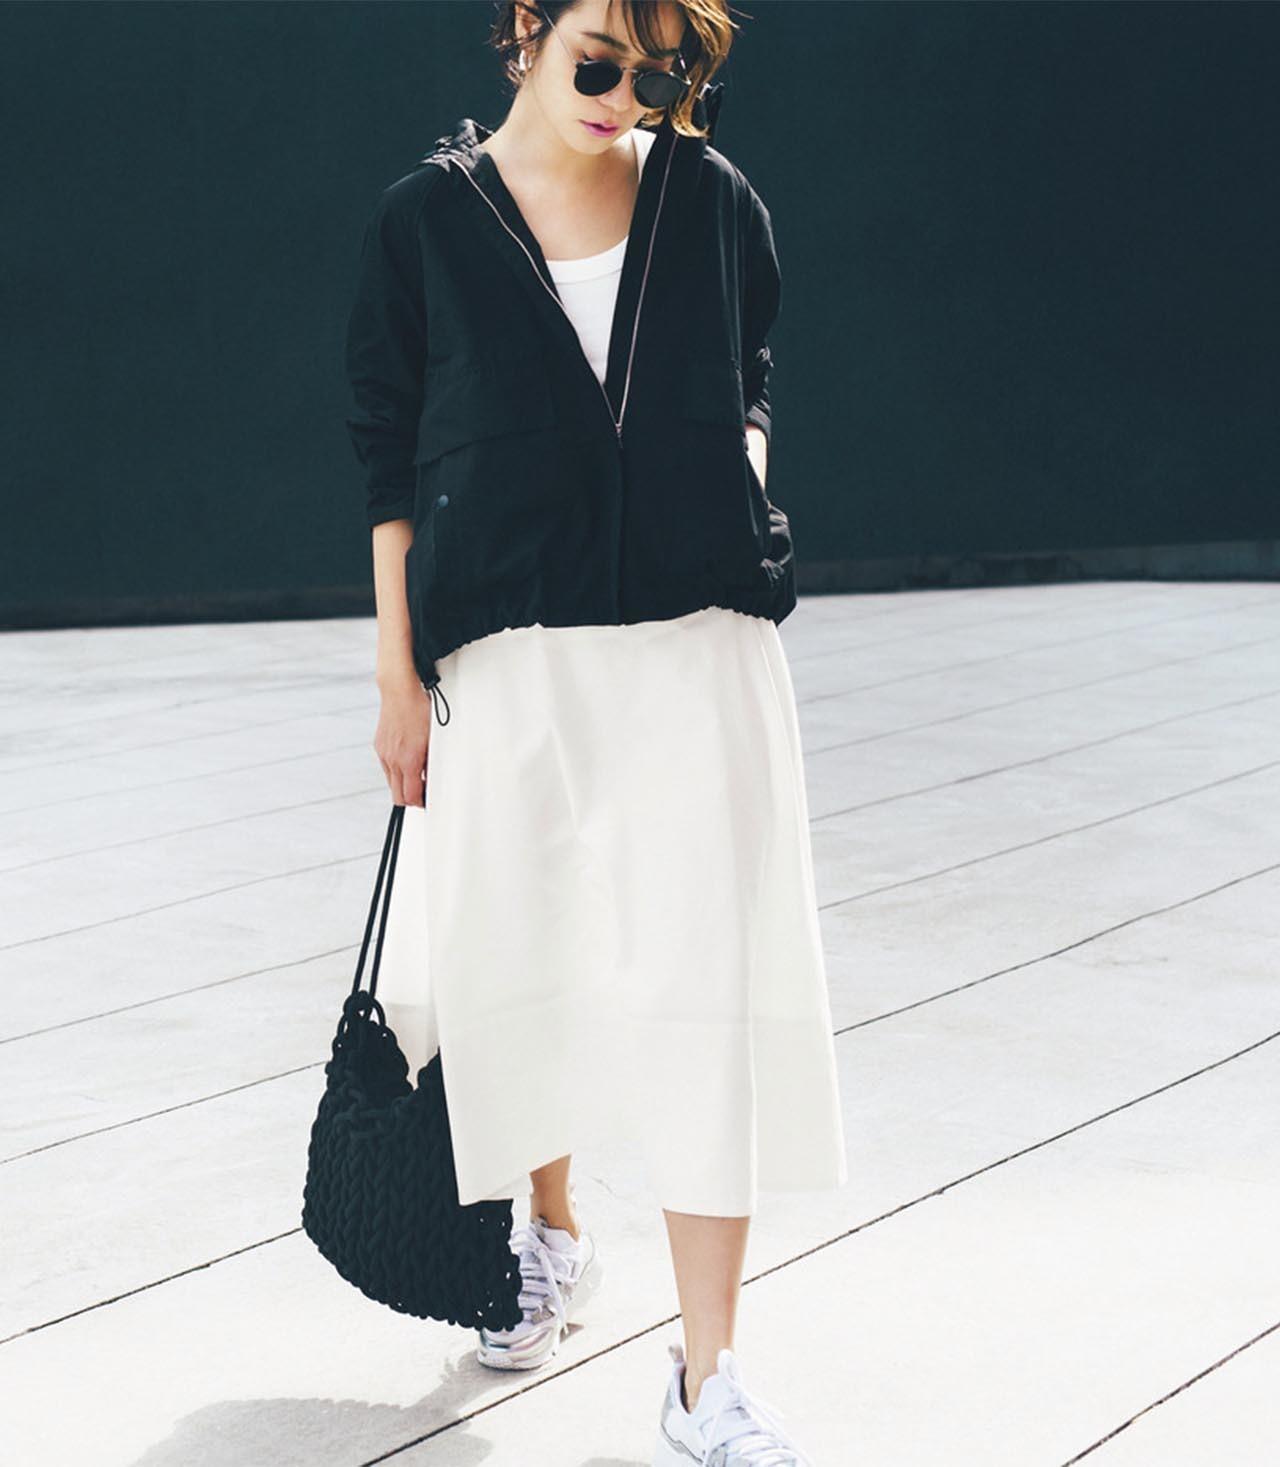 ■黒のフーテッドジャケット×白のスカート×スニーカーコーデ